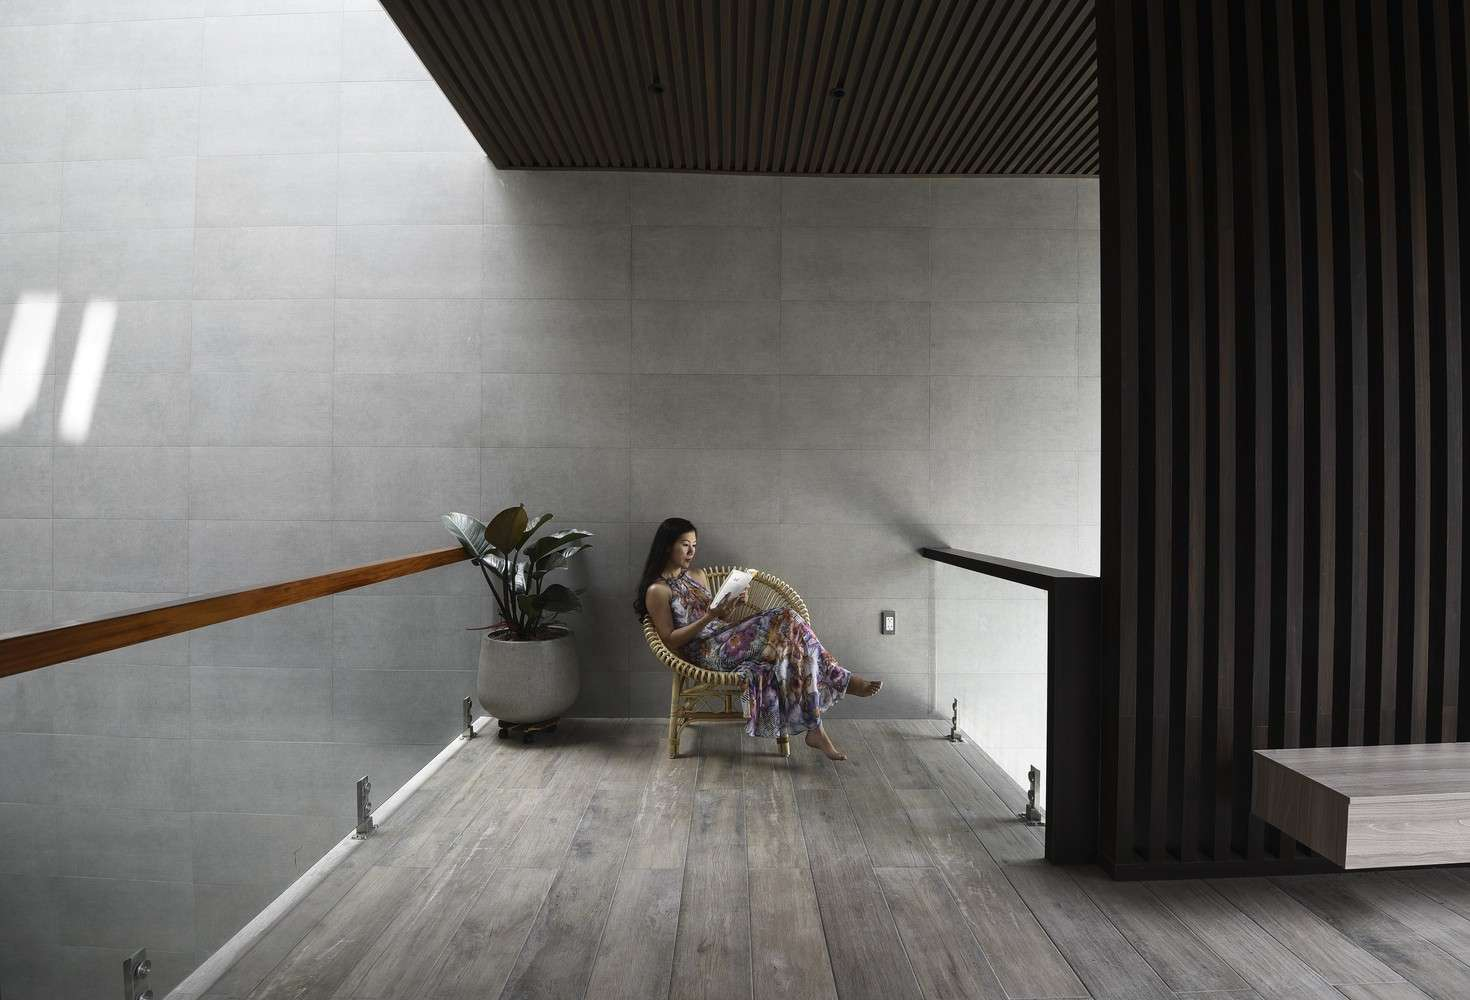 Hành lang, cũng là nơi không gian mở để đọc sách, thư giãn